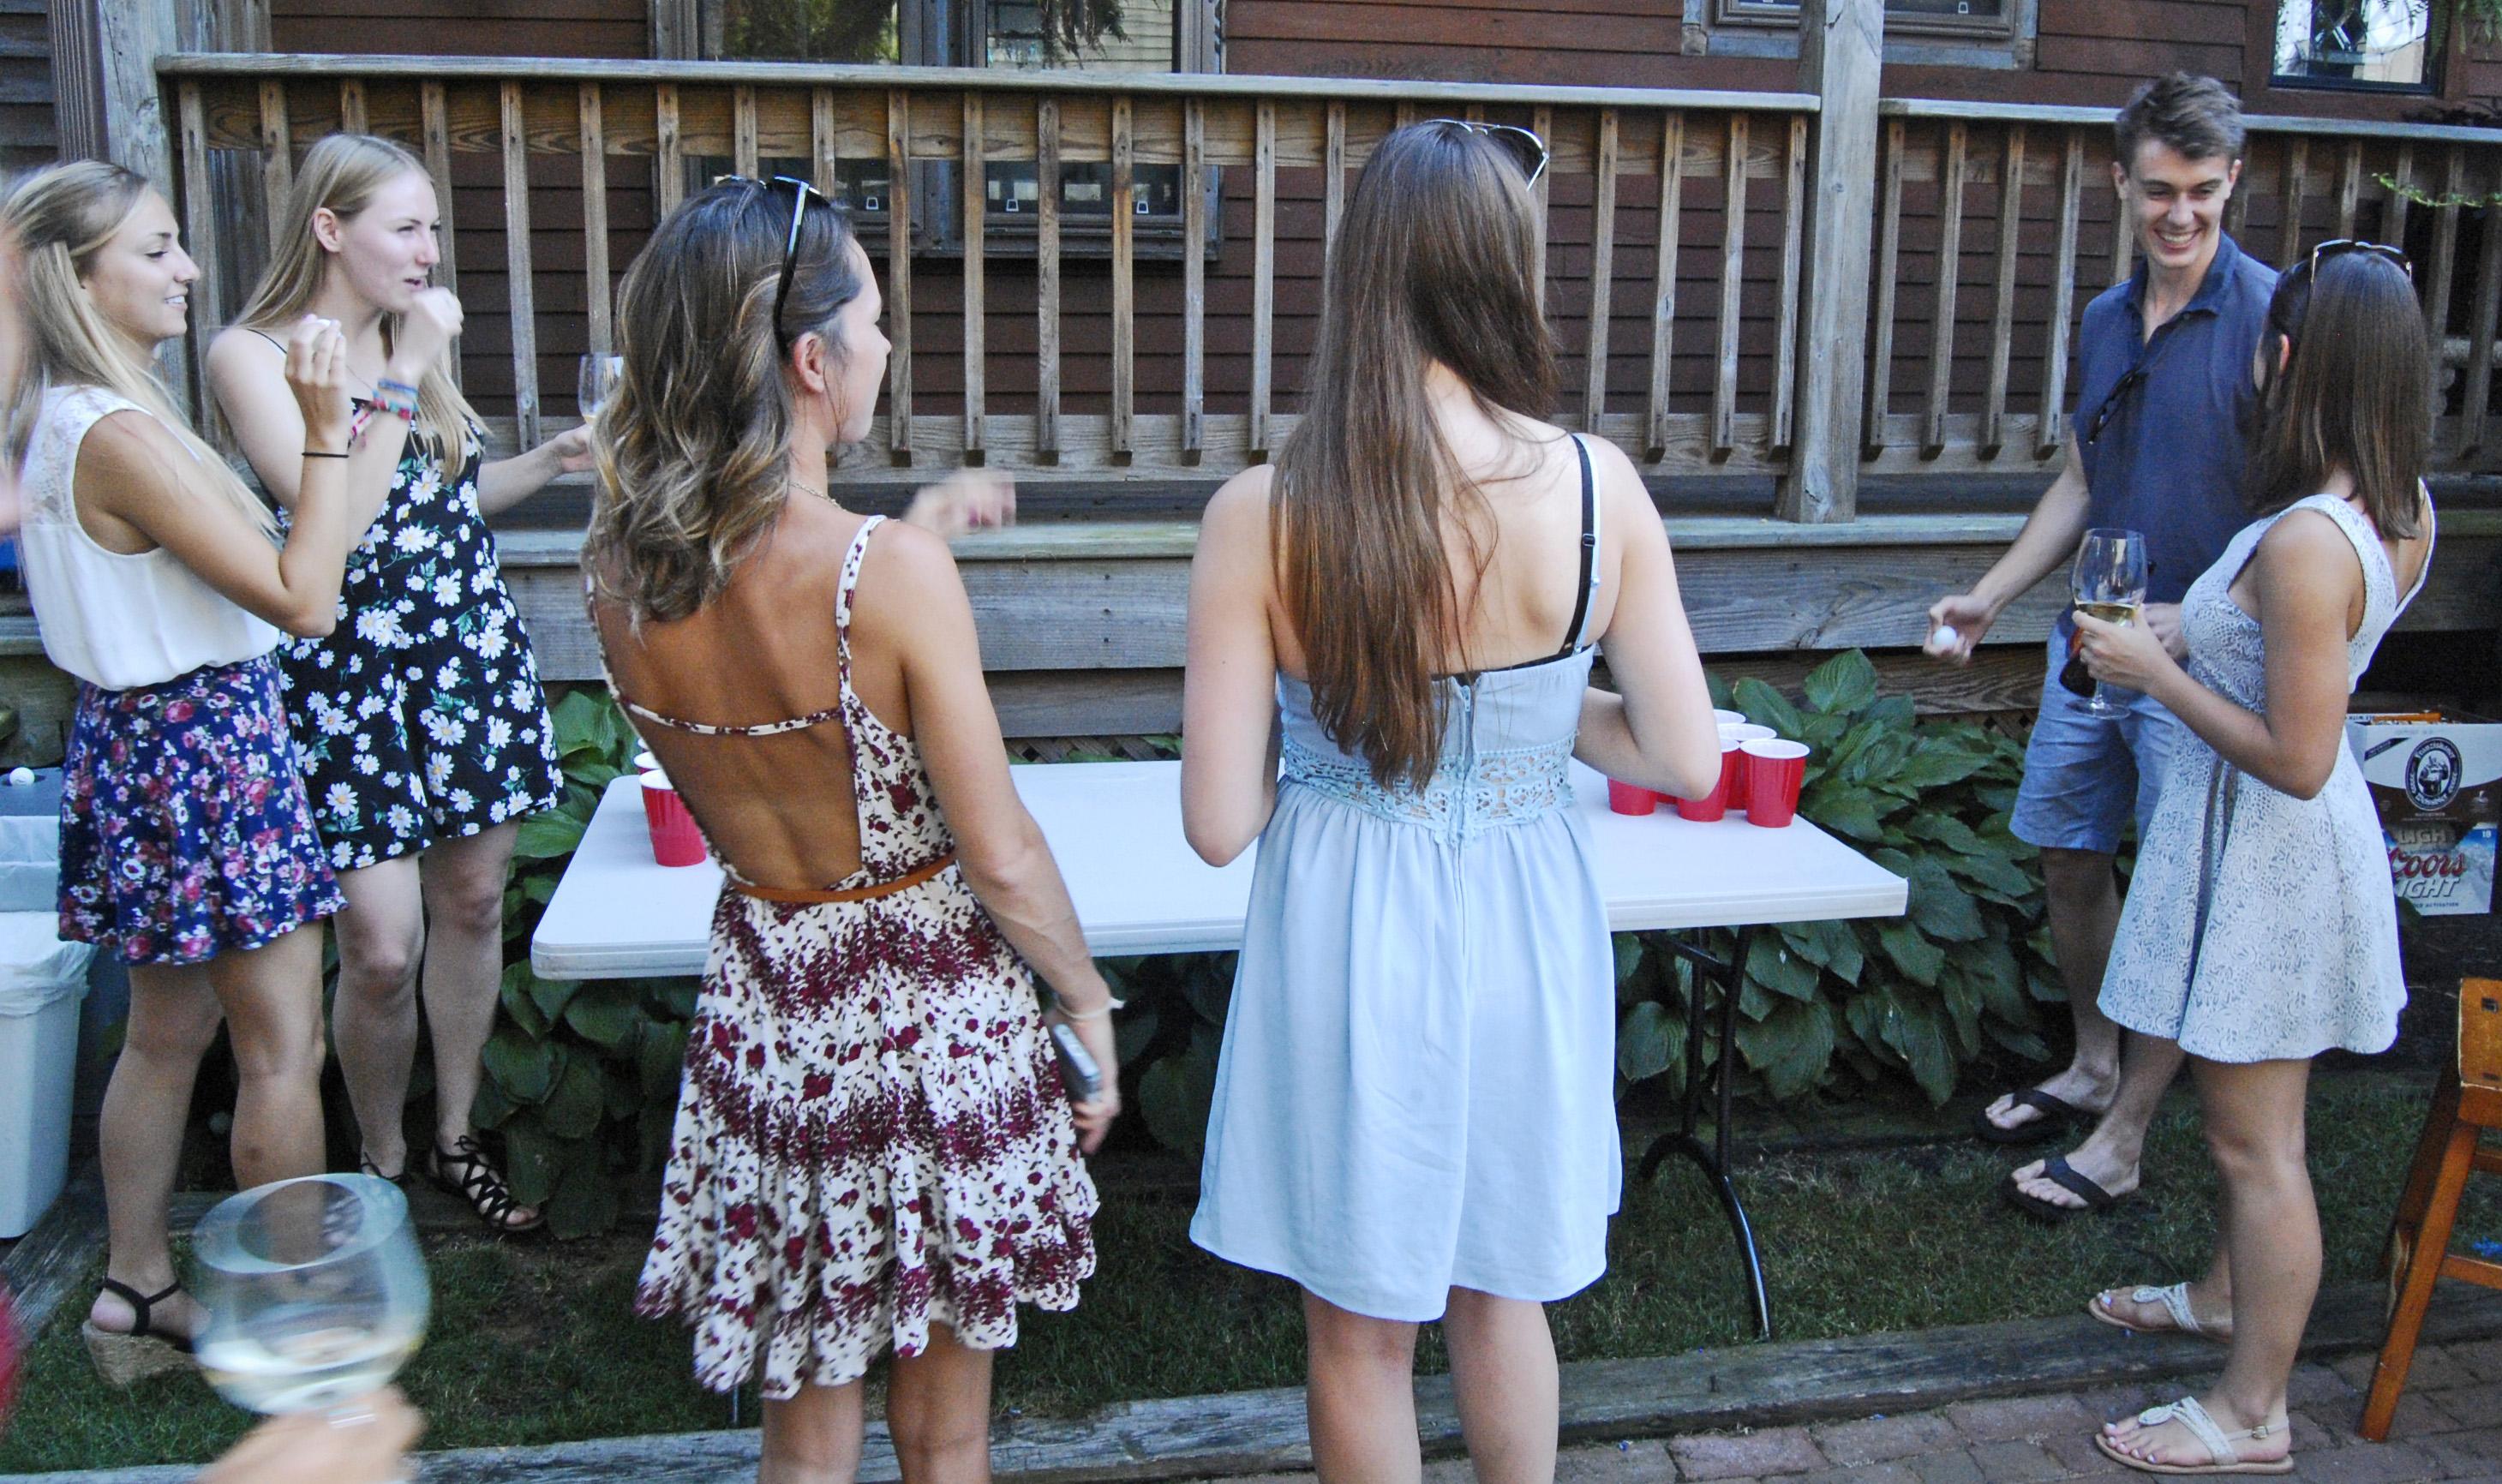 Les girls & Luke ponging